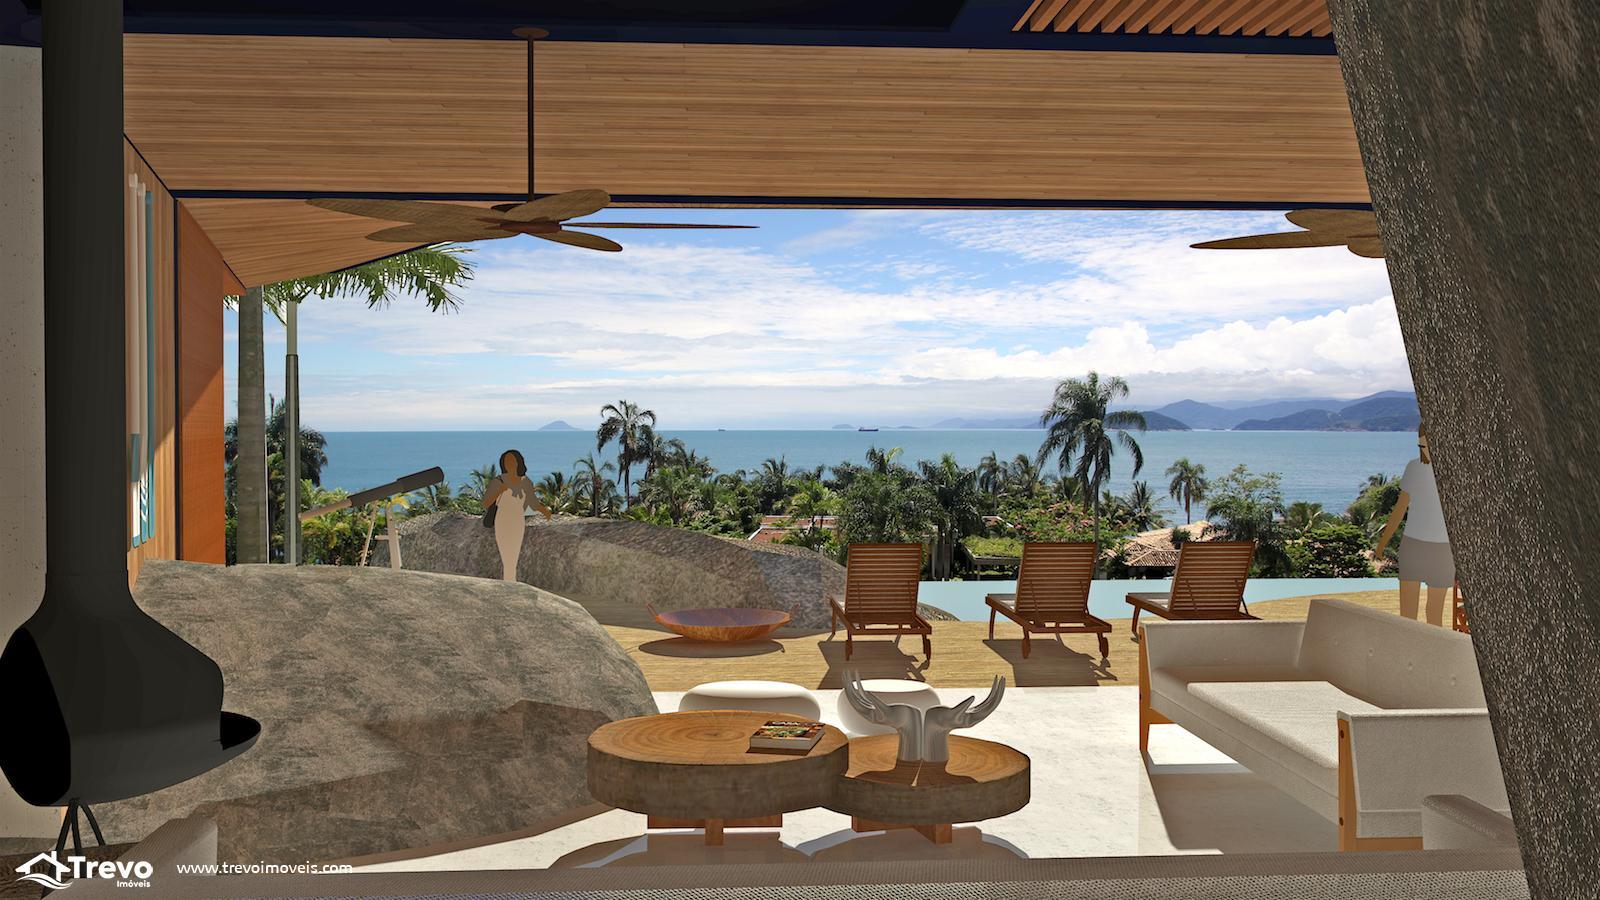 Lindo terreno a venda em Ilhabela com vista para o mar